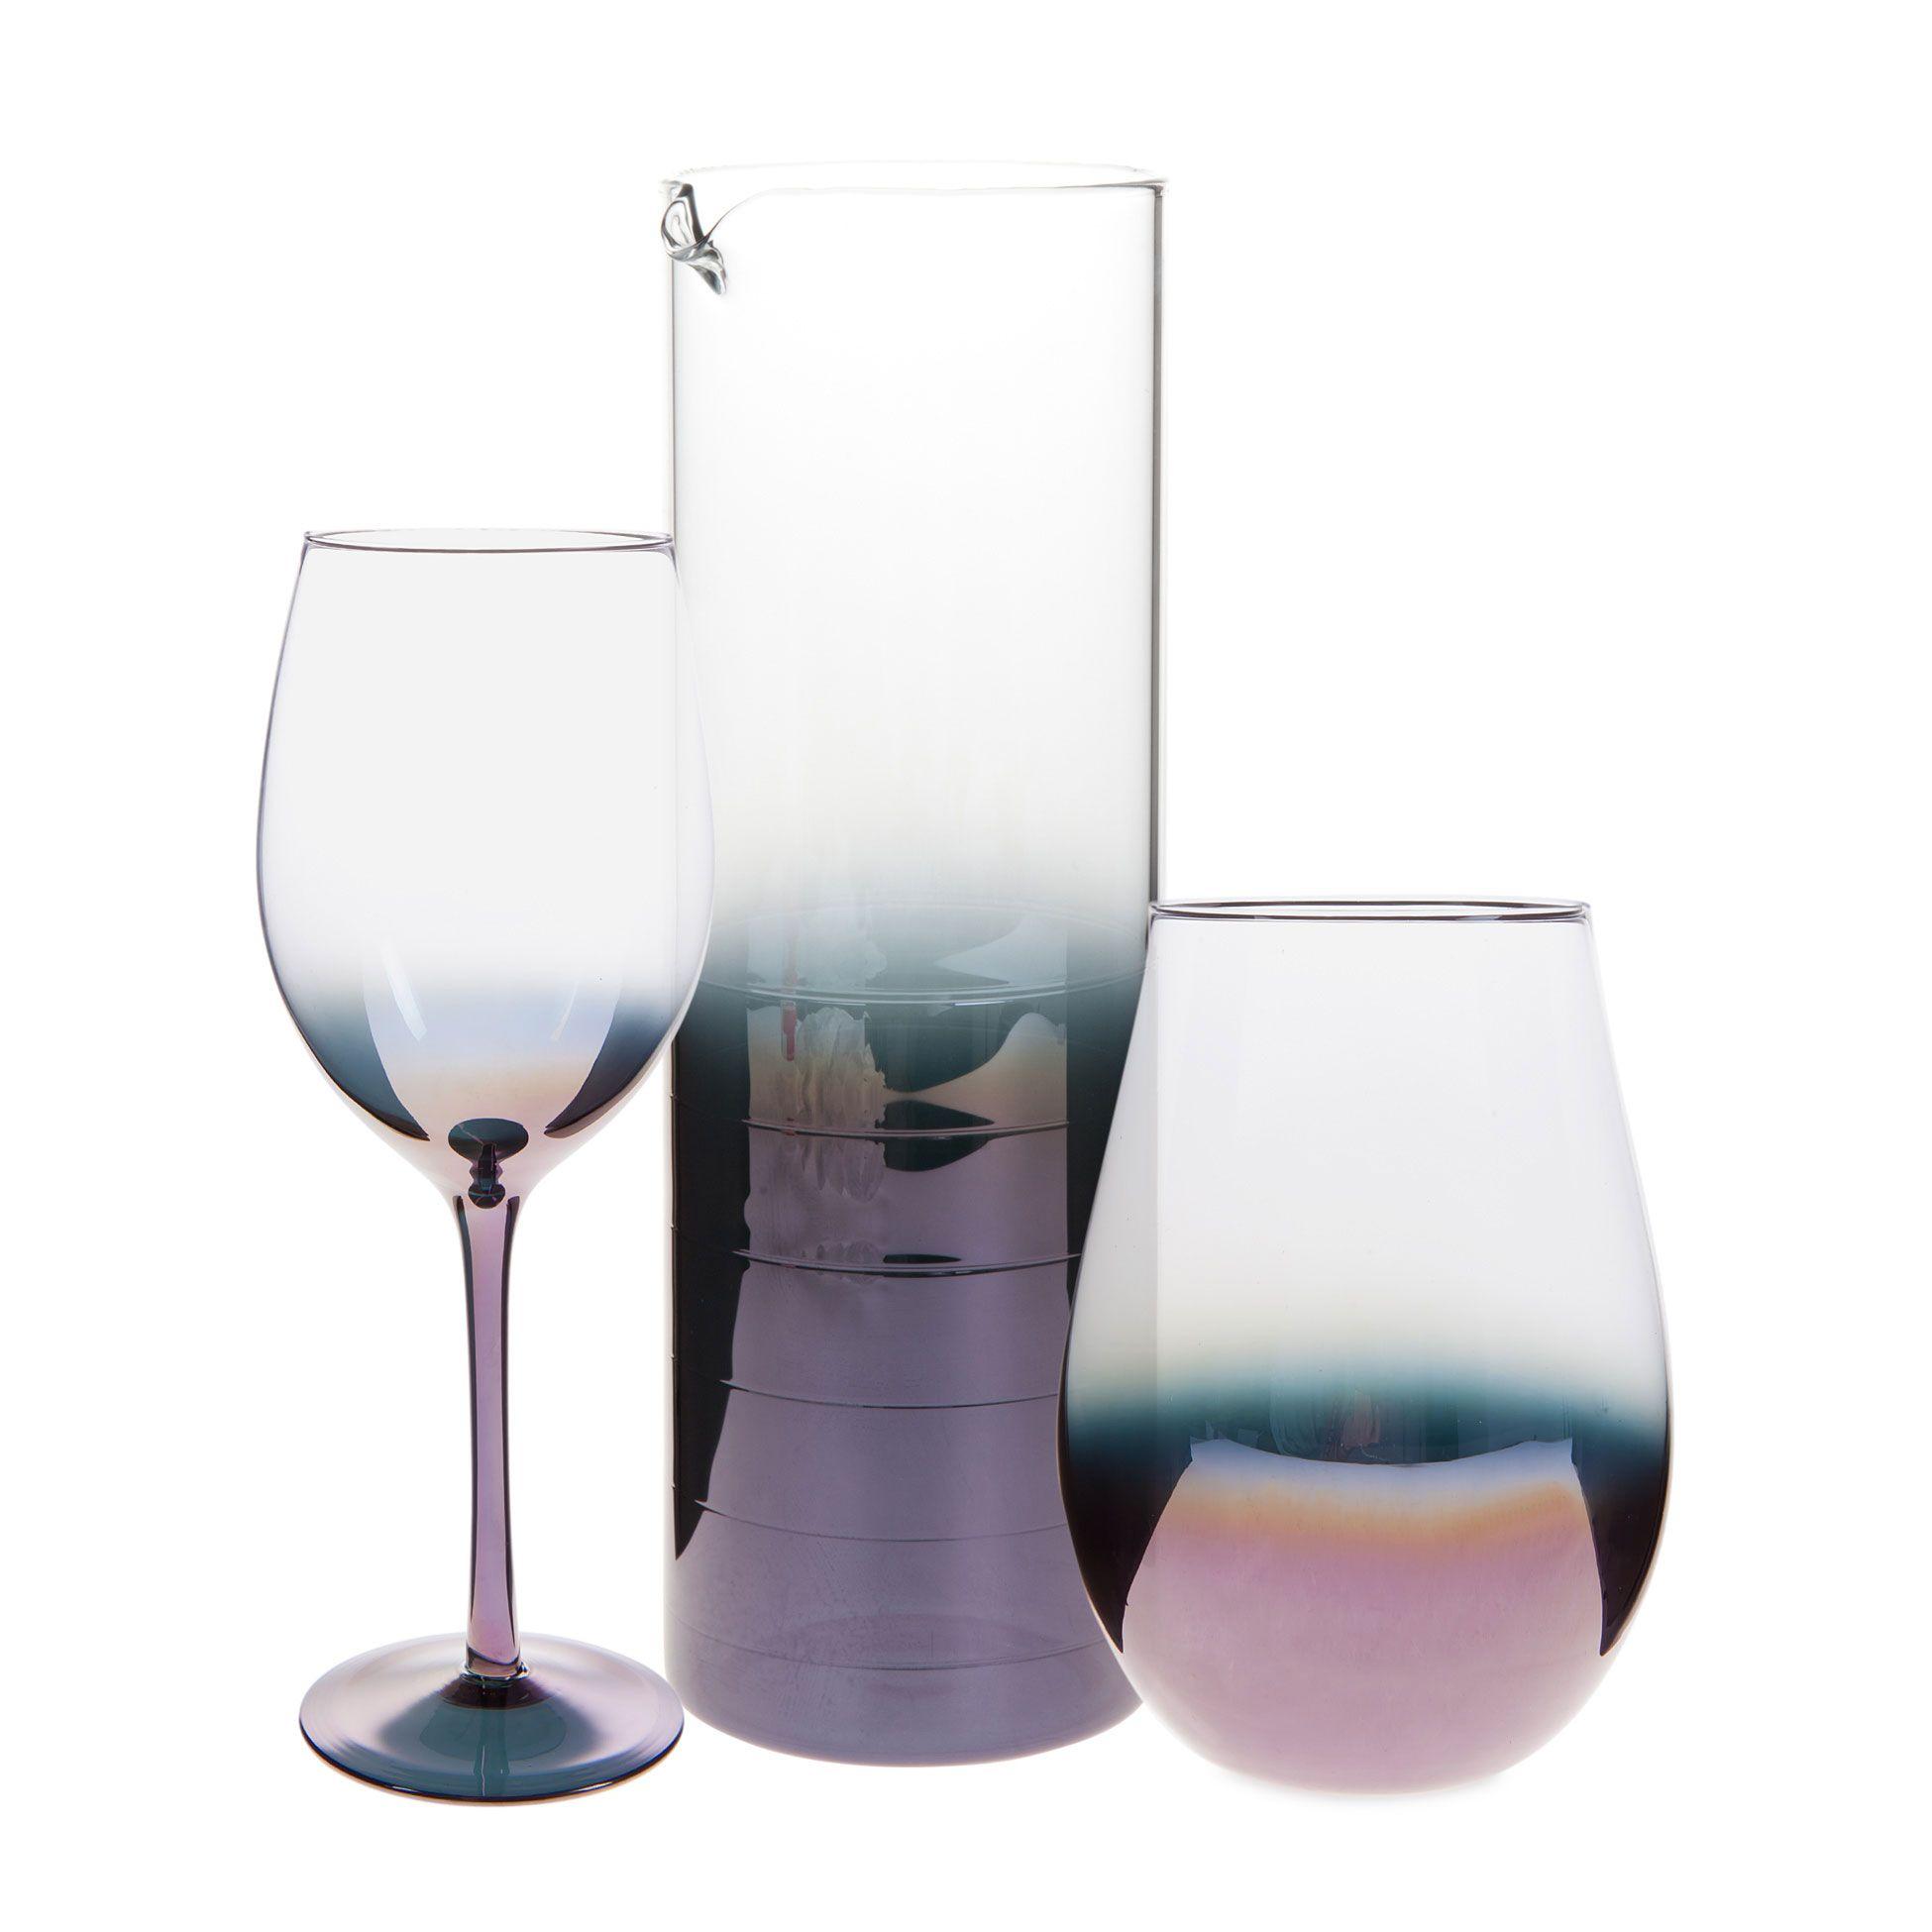 Donker Glaswerk - Glaswerk - Tafel | Zara Home België / Belgique